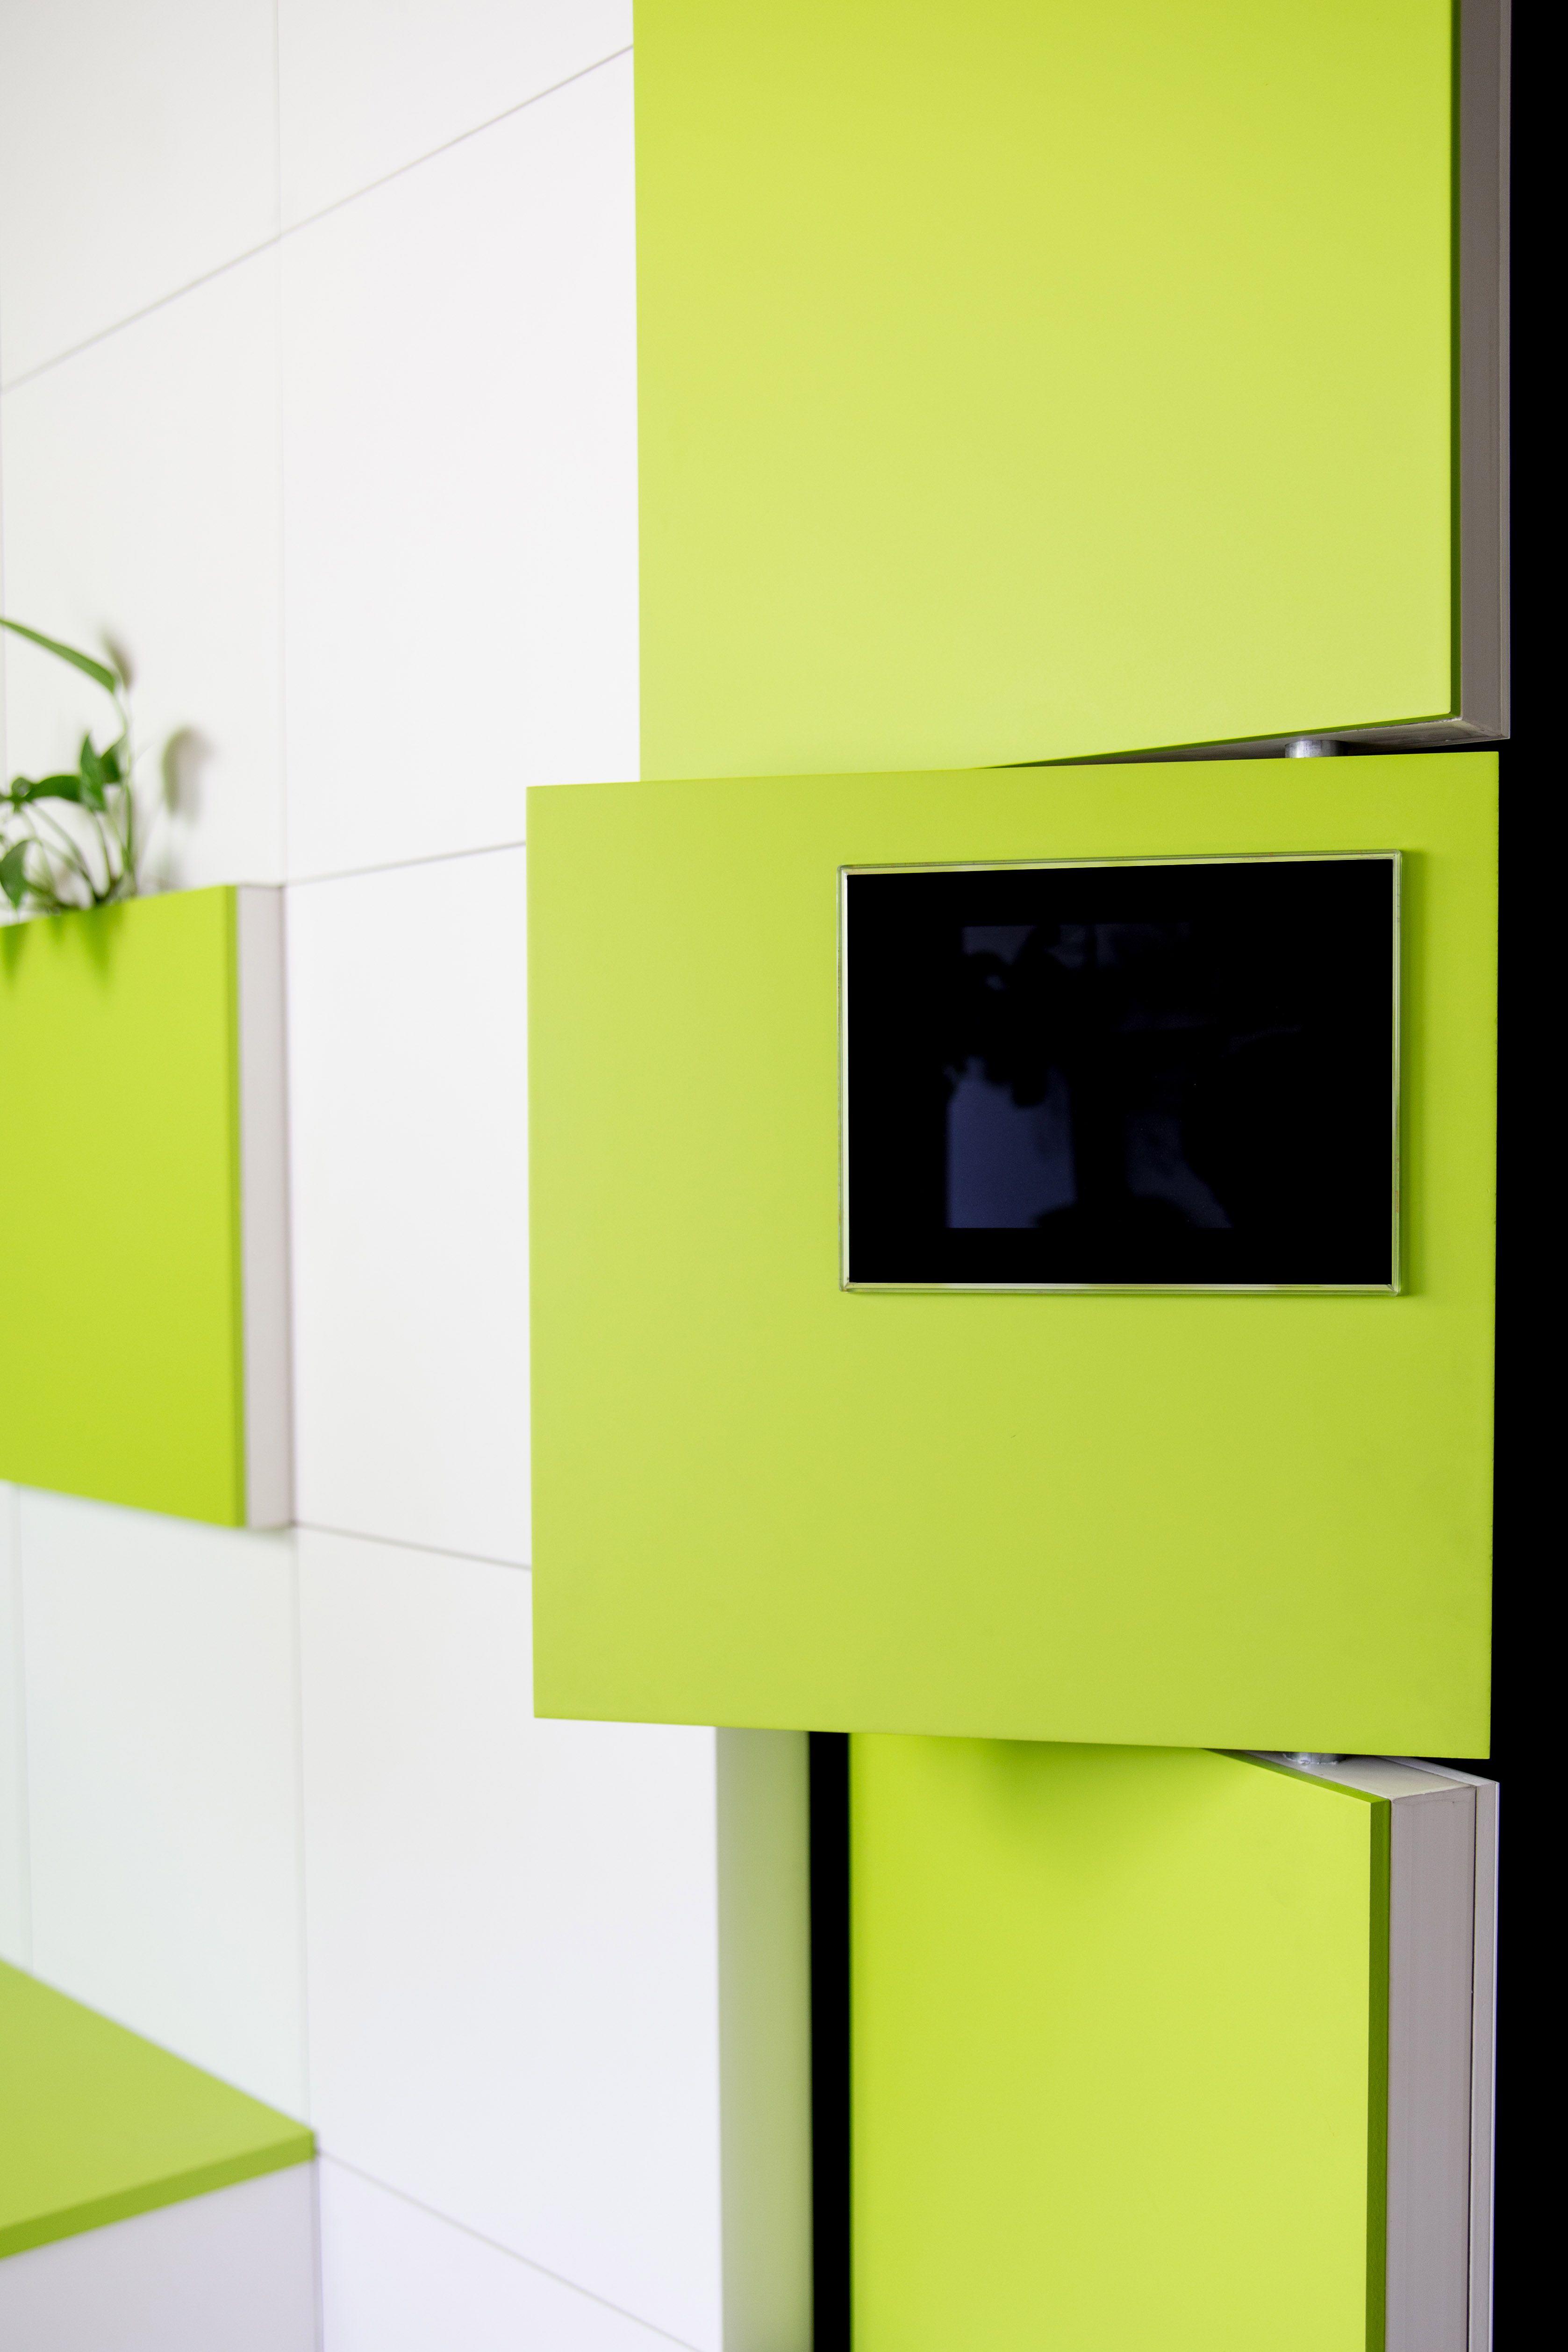 Tabique giratorio asim trico de serastone con placas en - Tabiques separadores de ambientes ...